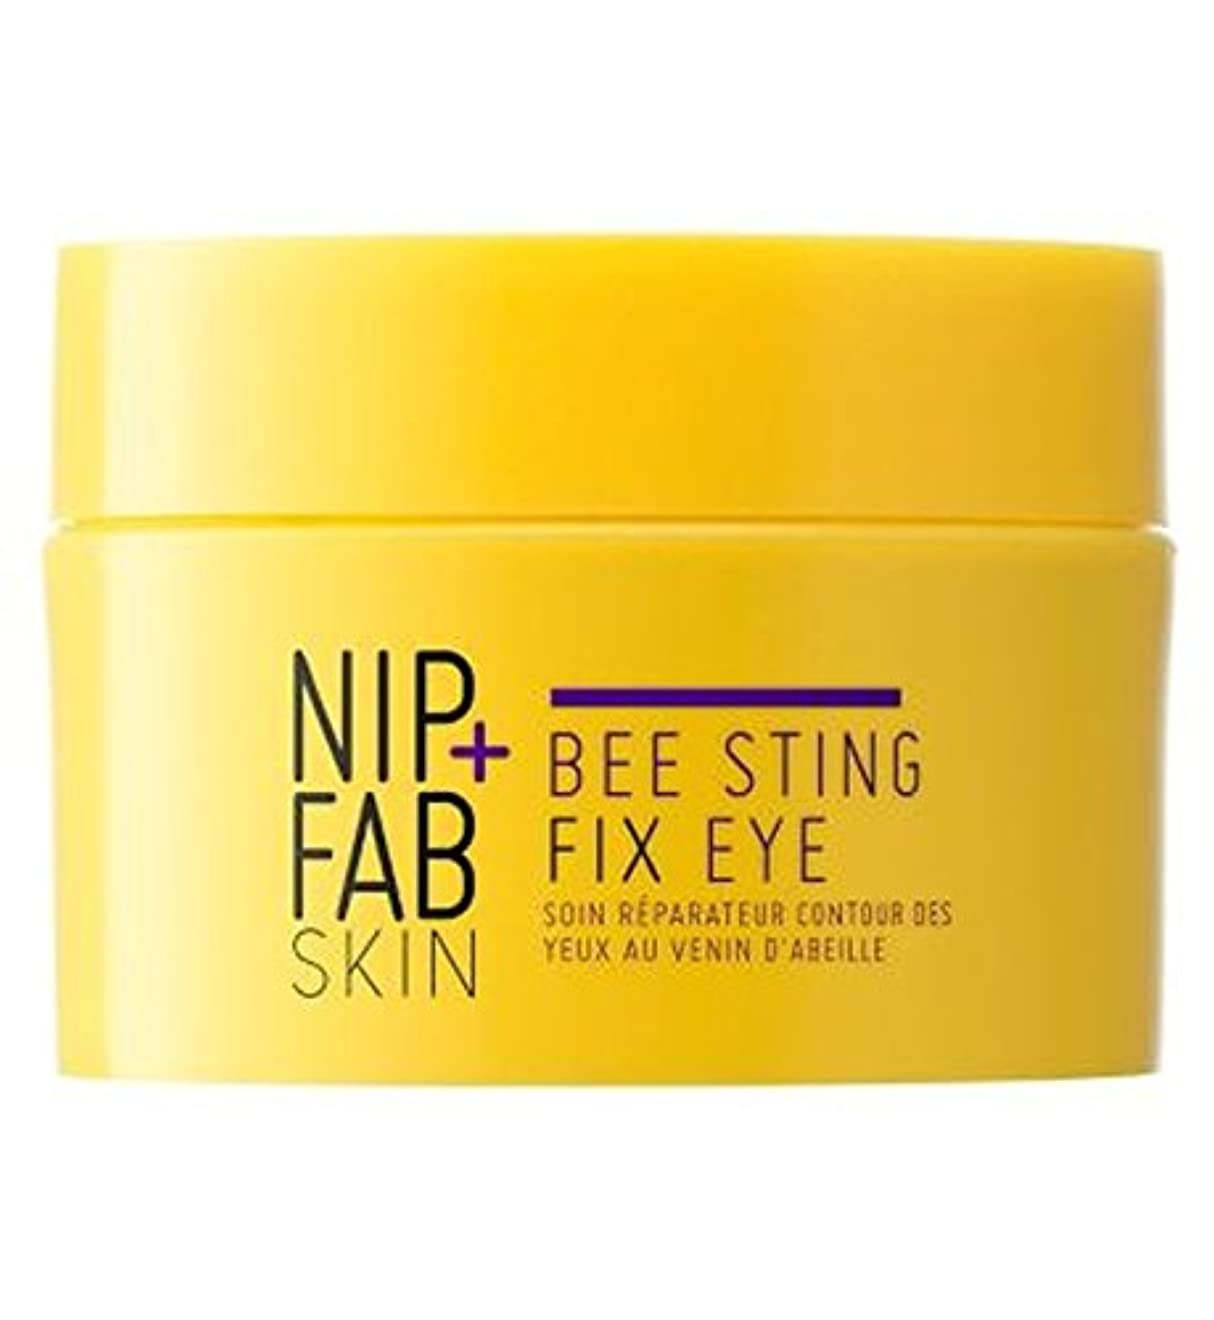 共役ダーベビルのテス本体+ファブハチ刺されフィックス目の夜ニップ (Nip & Fab) (x2) - Nip+Fab Bee Sting Fix Eye Night (Pack of 2) [並行輸入品]